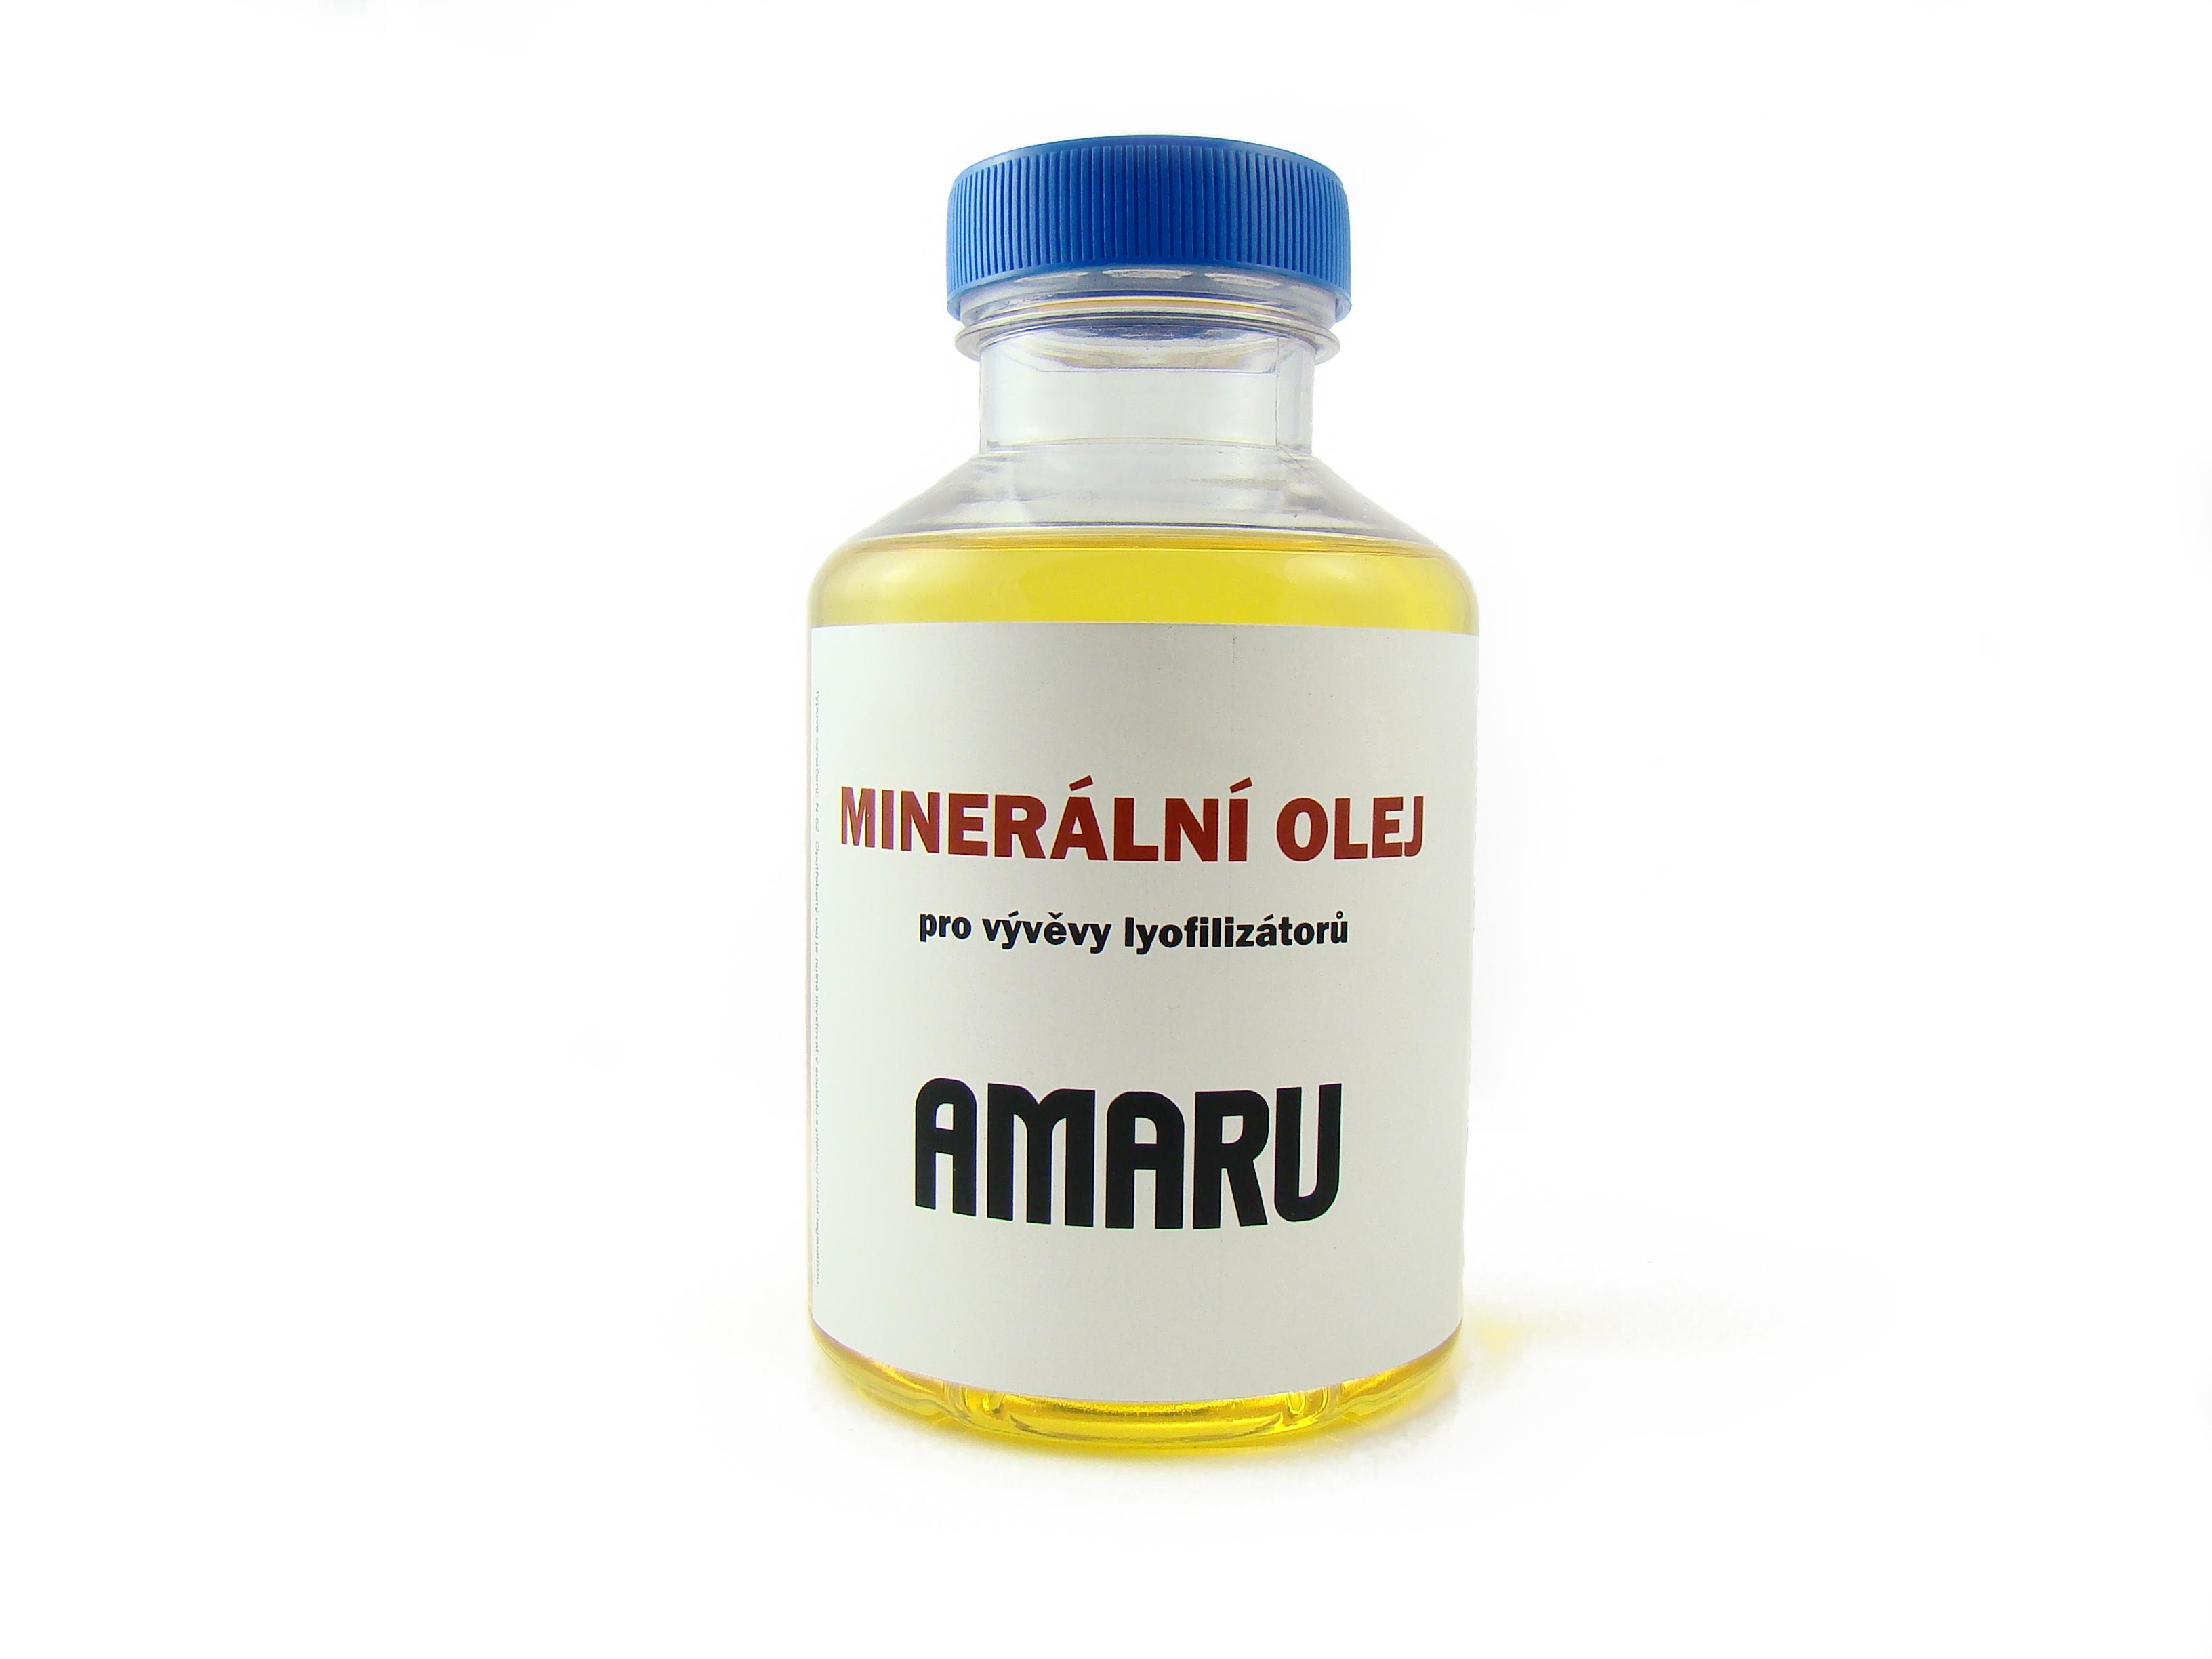 Minerální olej